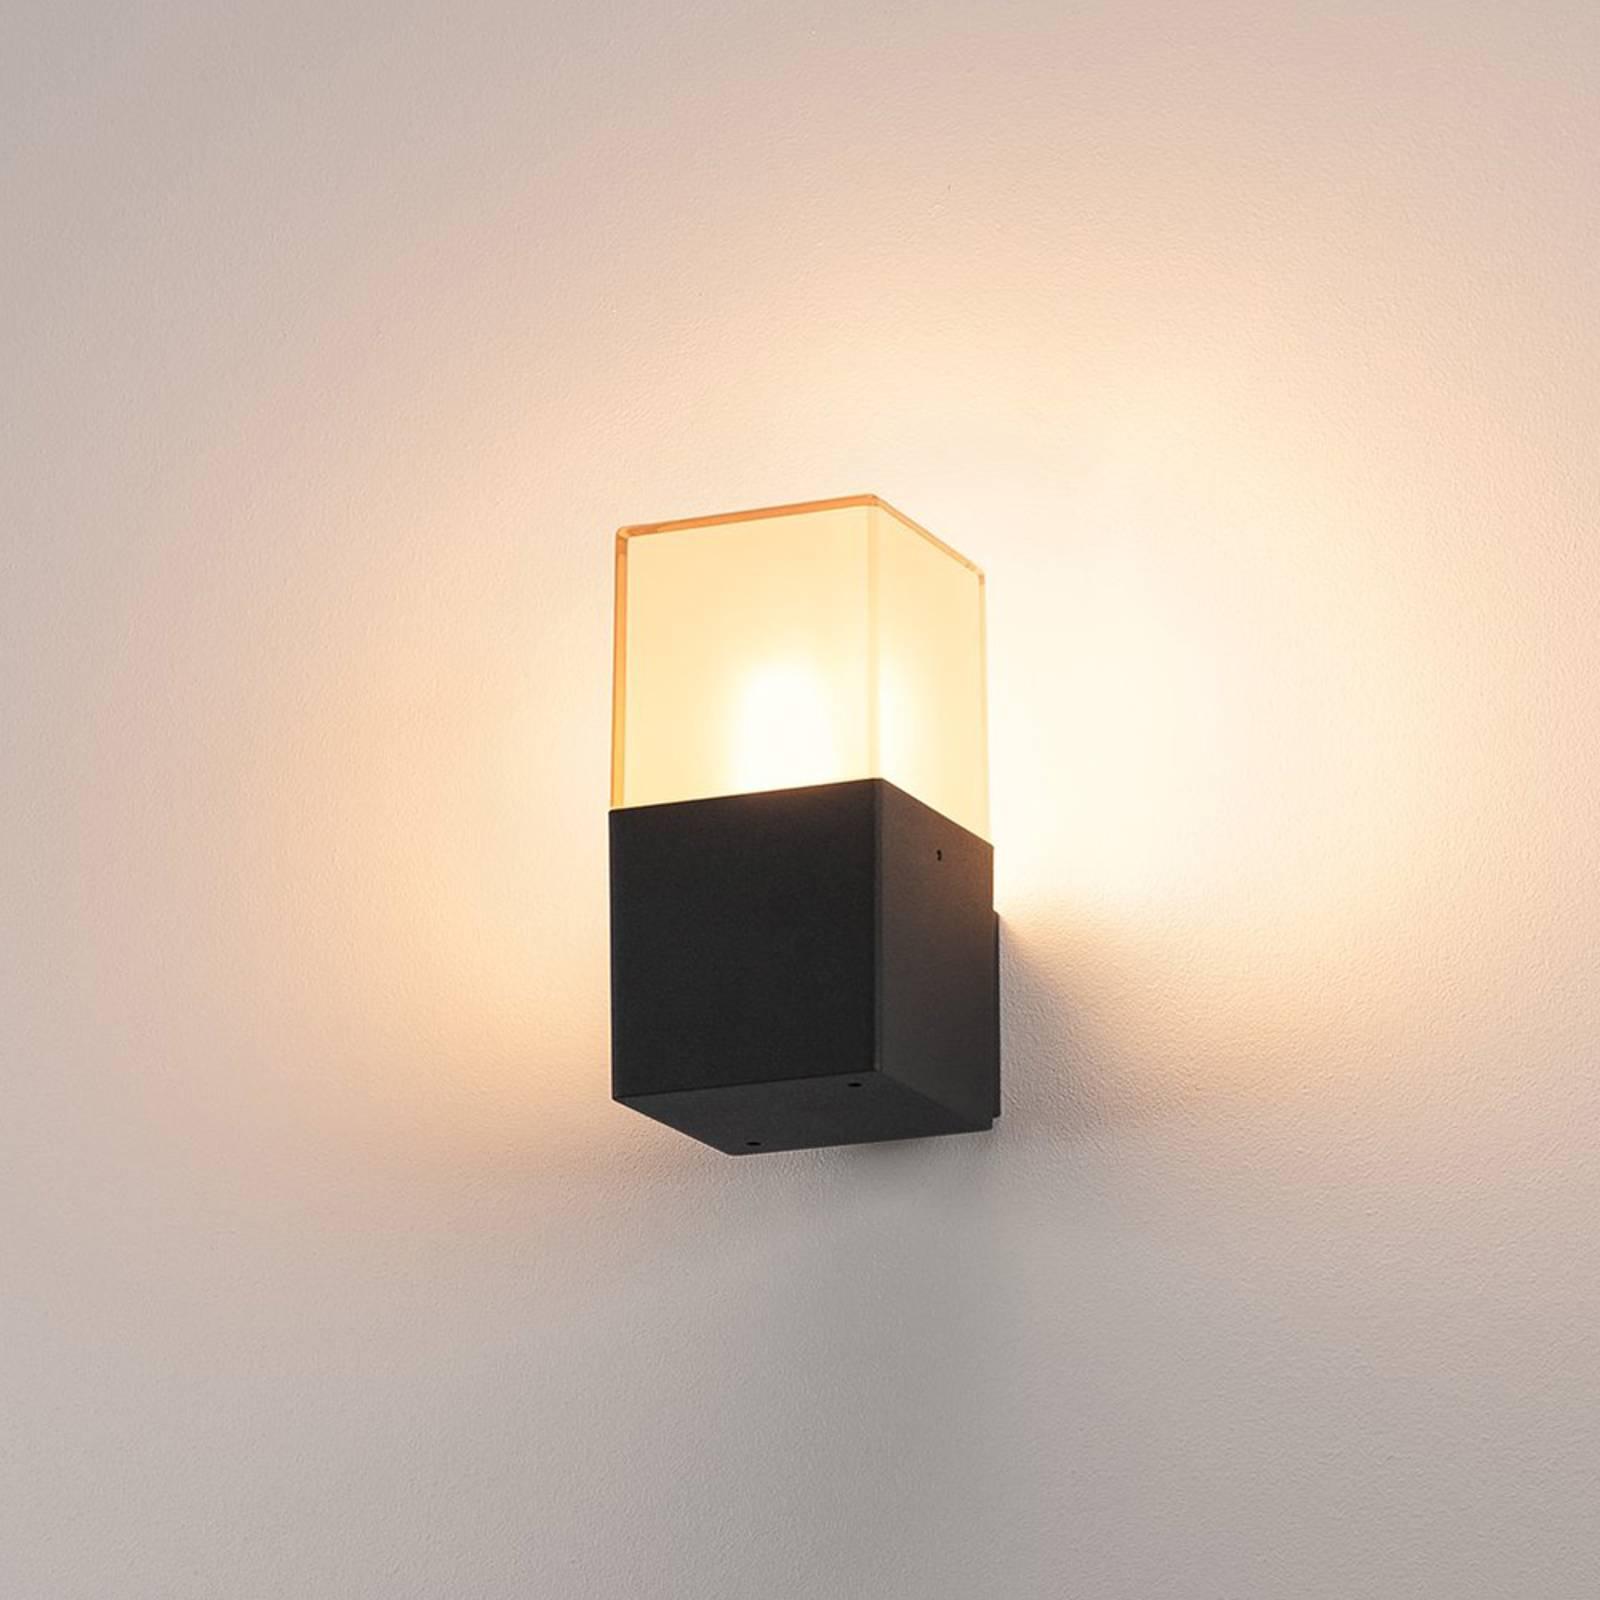 Prostokątna zewnętrzna lampa ścienna GRAFIT